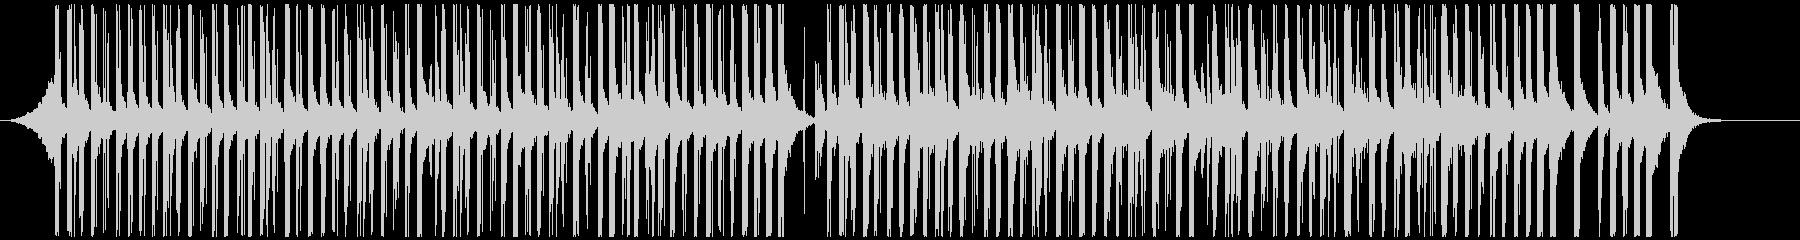 ドラムと手拍子ジングル明るい疾走感(中) の未再生の波形